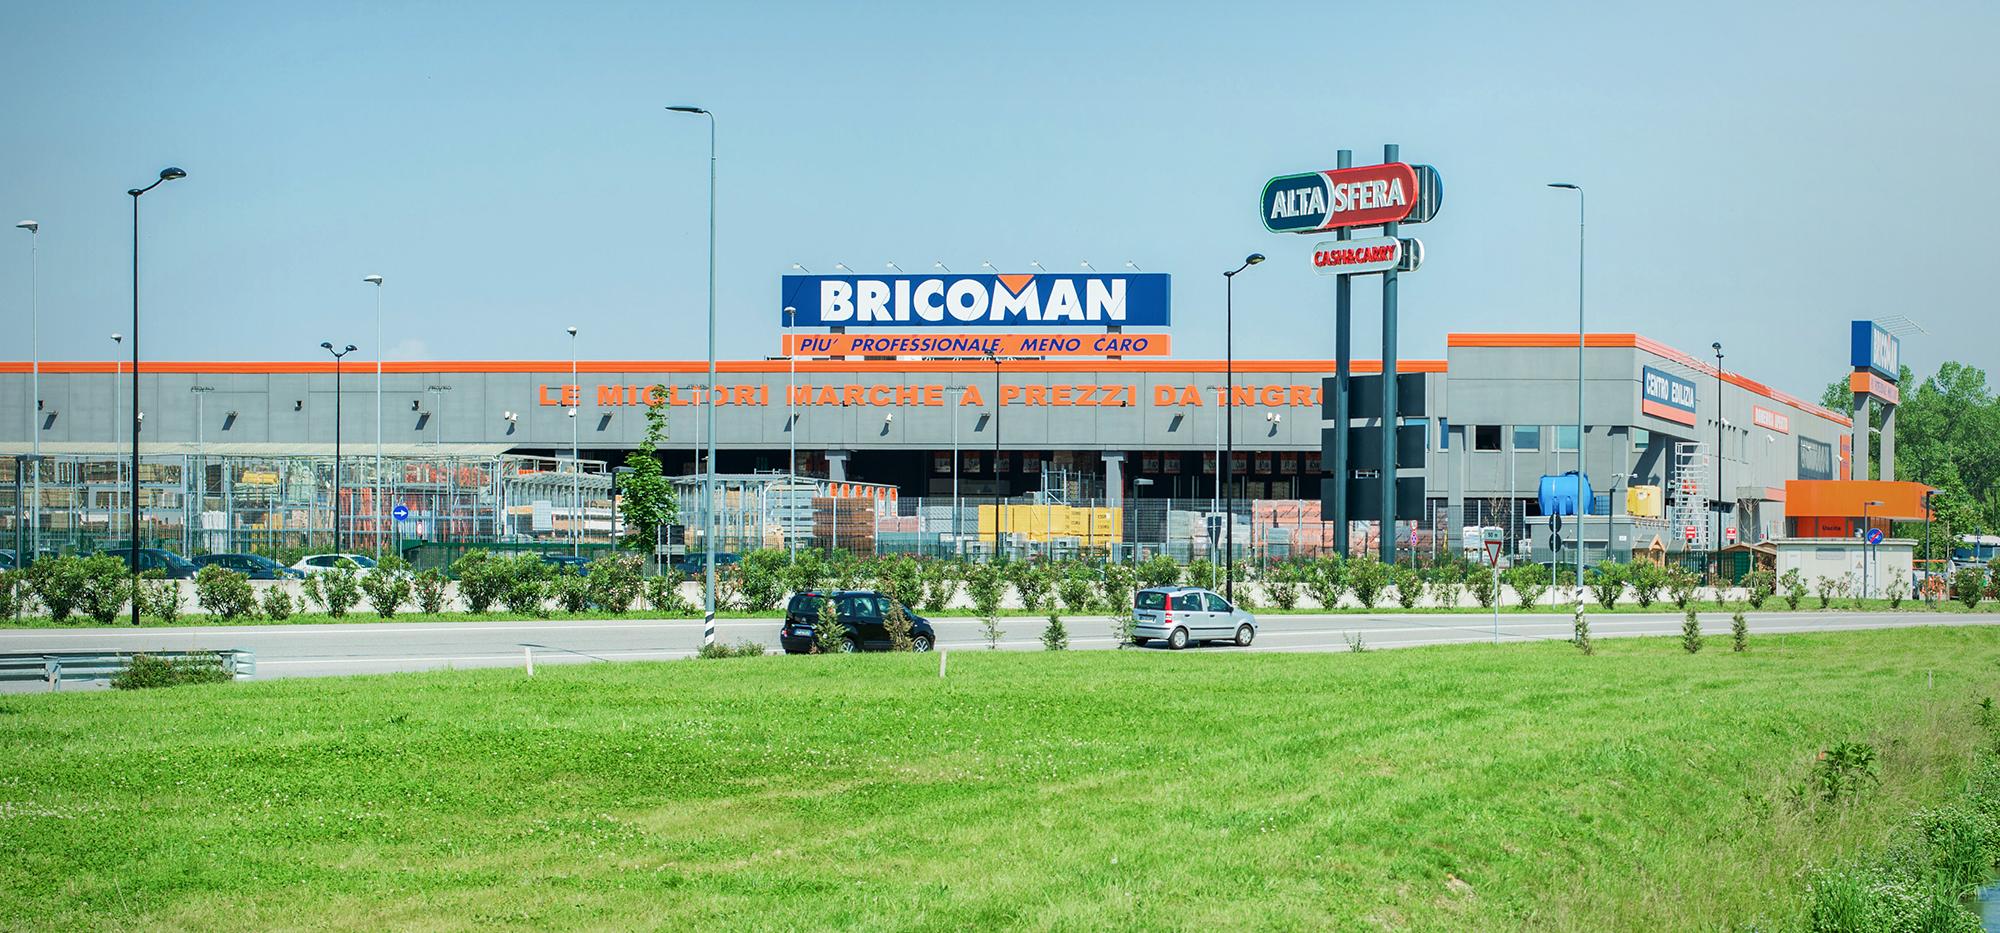 BricoMan03